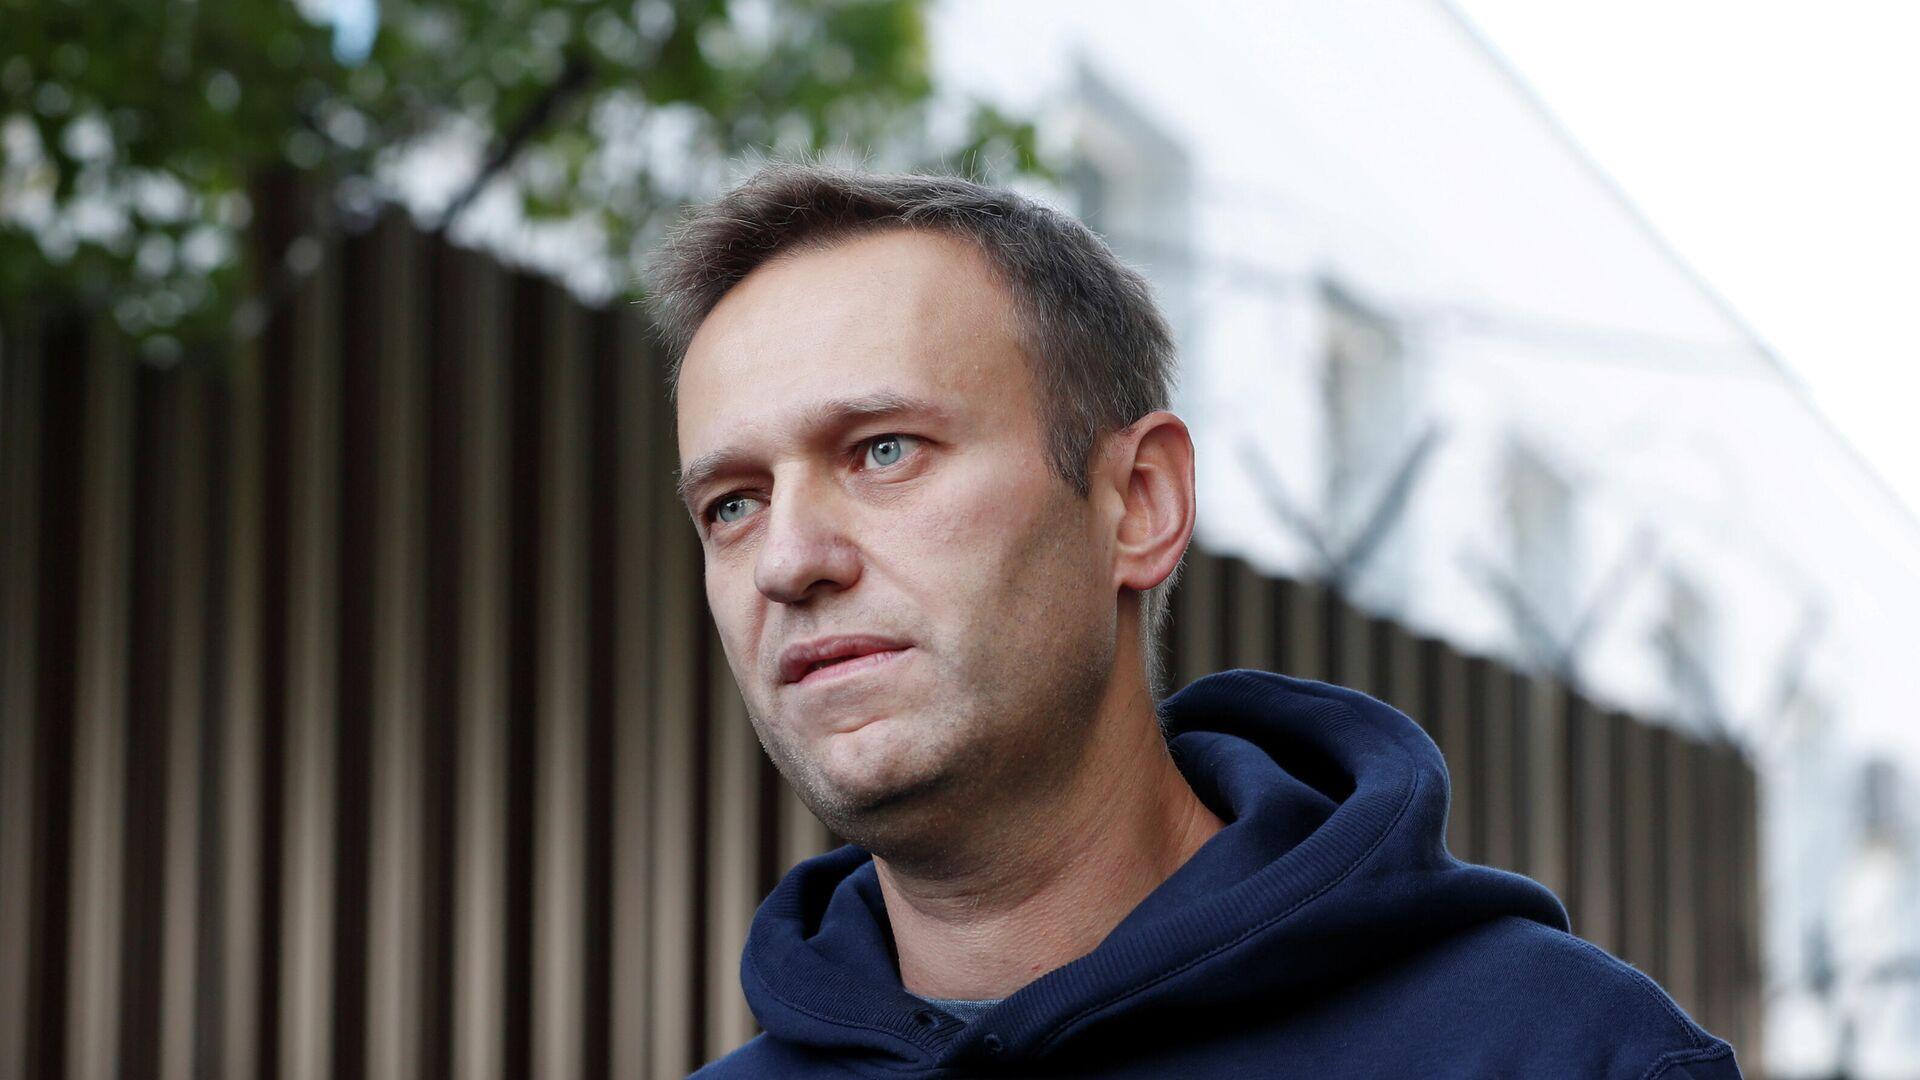 1577056574 0:30:3169:1813 1920x0 80 0 0 ef775fcf5b8132e4d5a0207d8182badc - Макрон потребовал от России предоставить объяснения по делу Навального